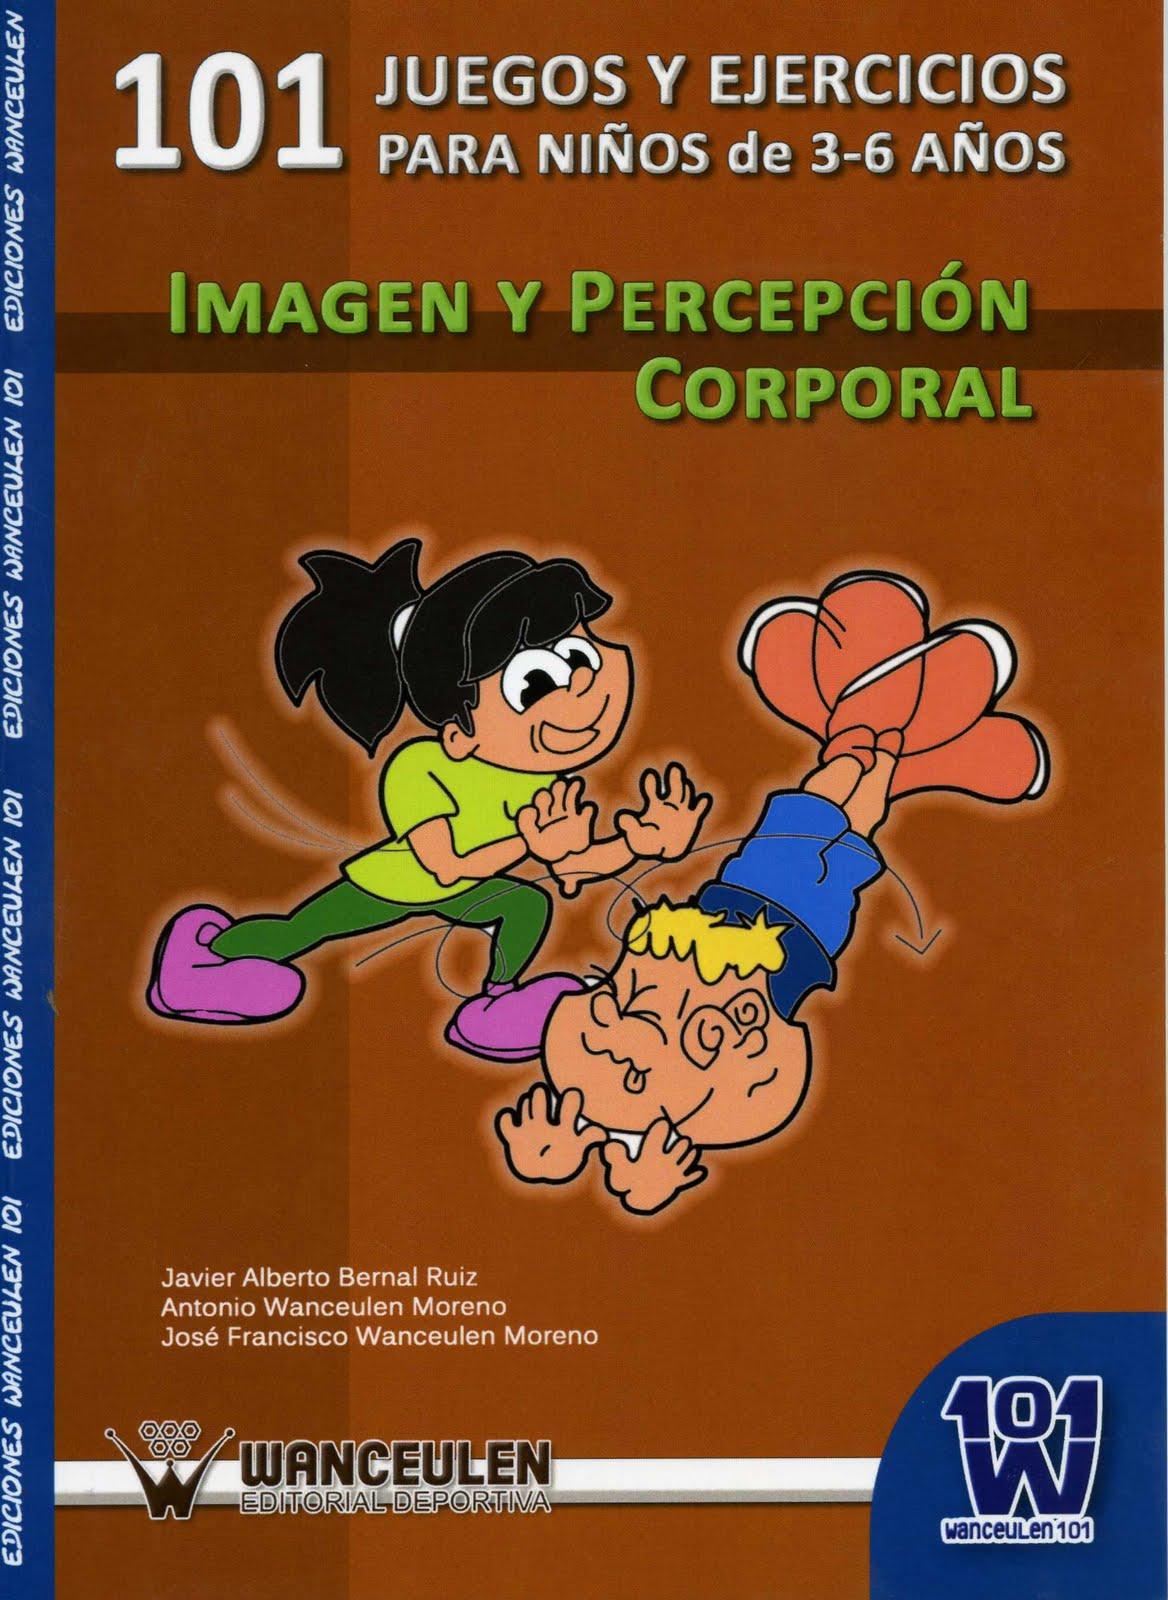 Título: 101 Juegos y Ejercicios para niños de 3-6 años